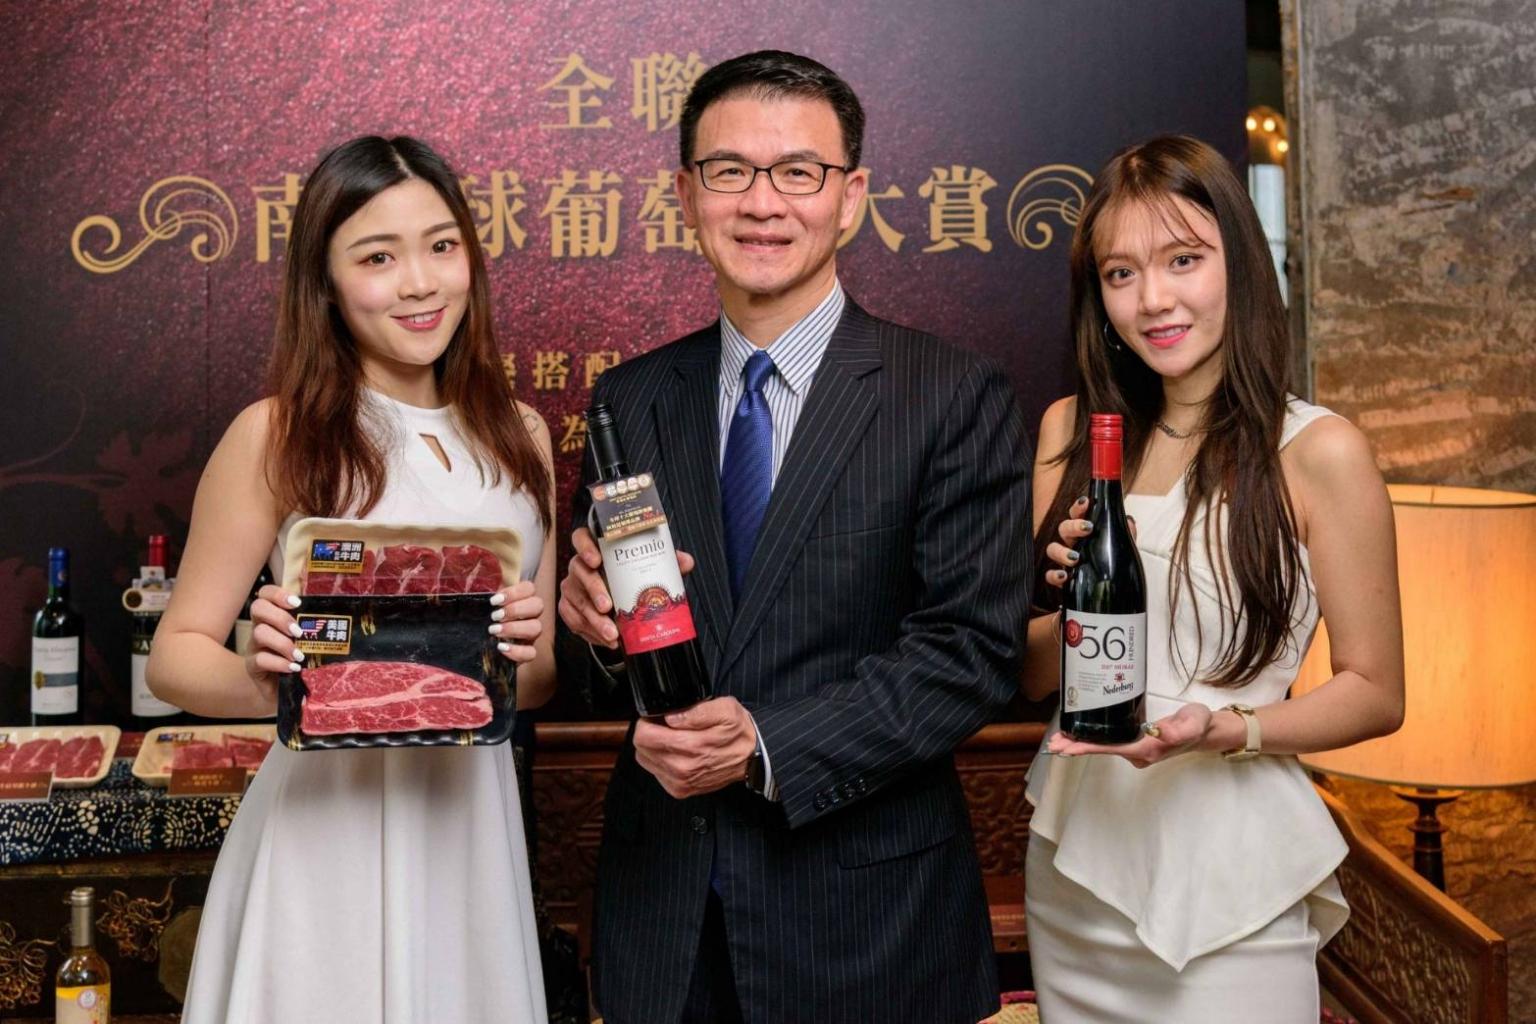 全聯自2015年強化紅白酒專區以來,業績連續三年維持雙位數成長,看好葡萄酒商機,全聯喊出「紅金」經營策略,今年特別選在3~4月南半球的葡萄收穫期搶先推出「南半球葡萄酒大賞」